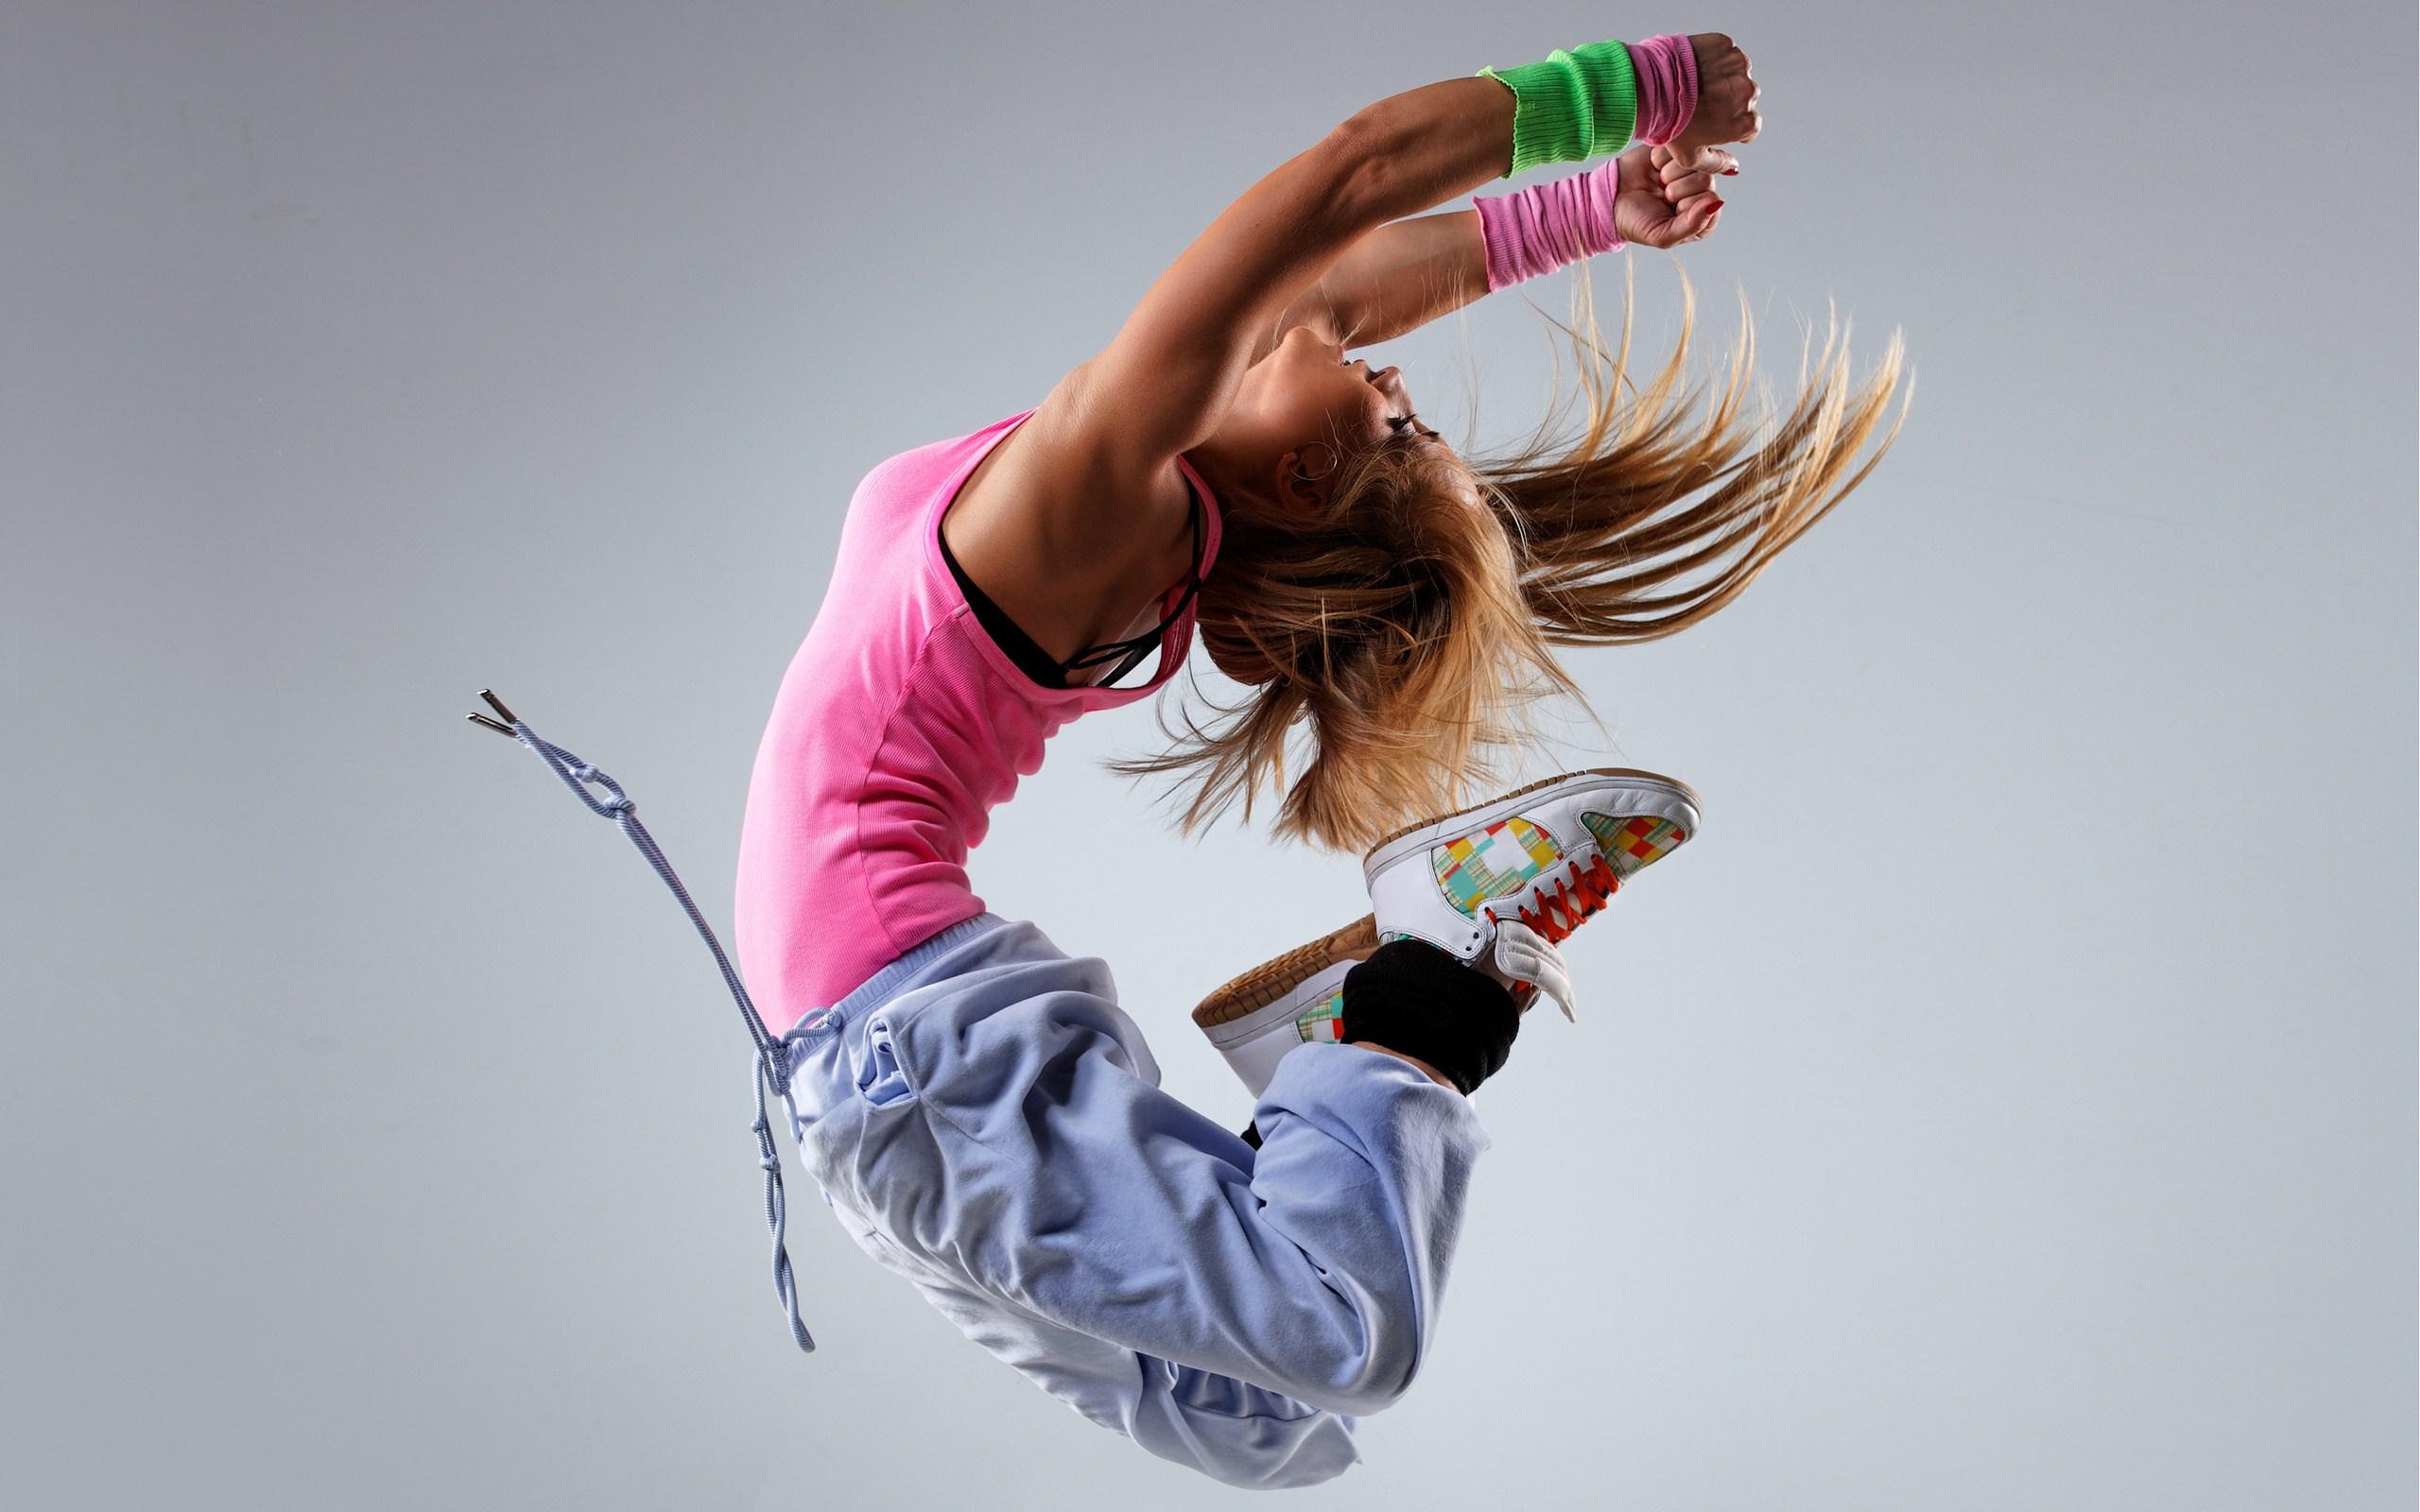 lovely-blonde-girl-dance-wallpaper-2560x1600